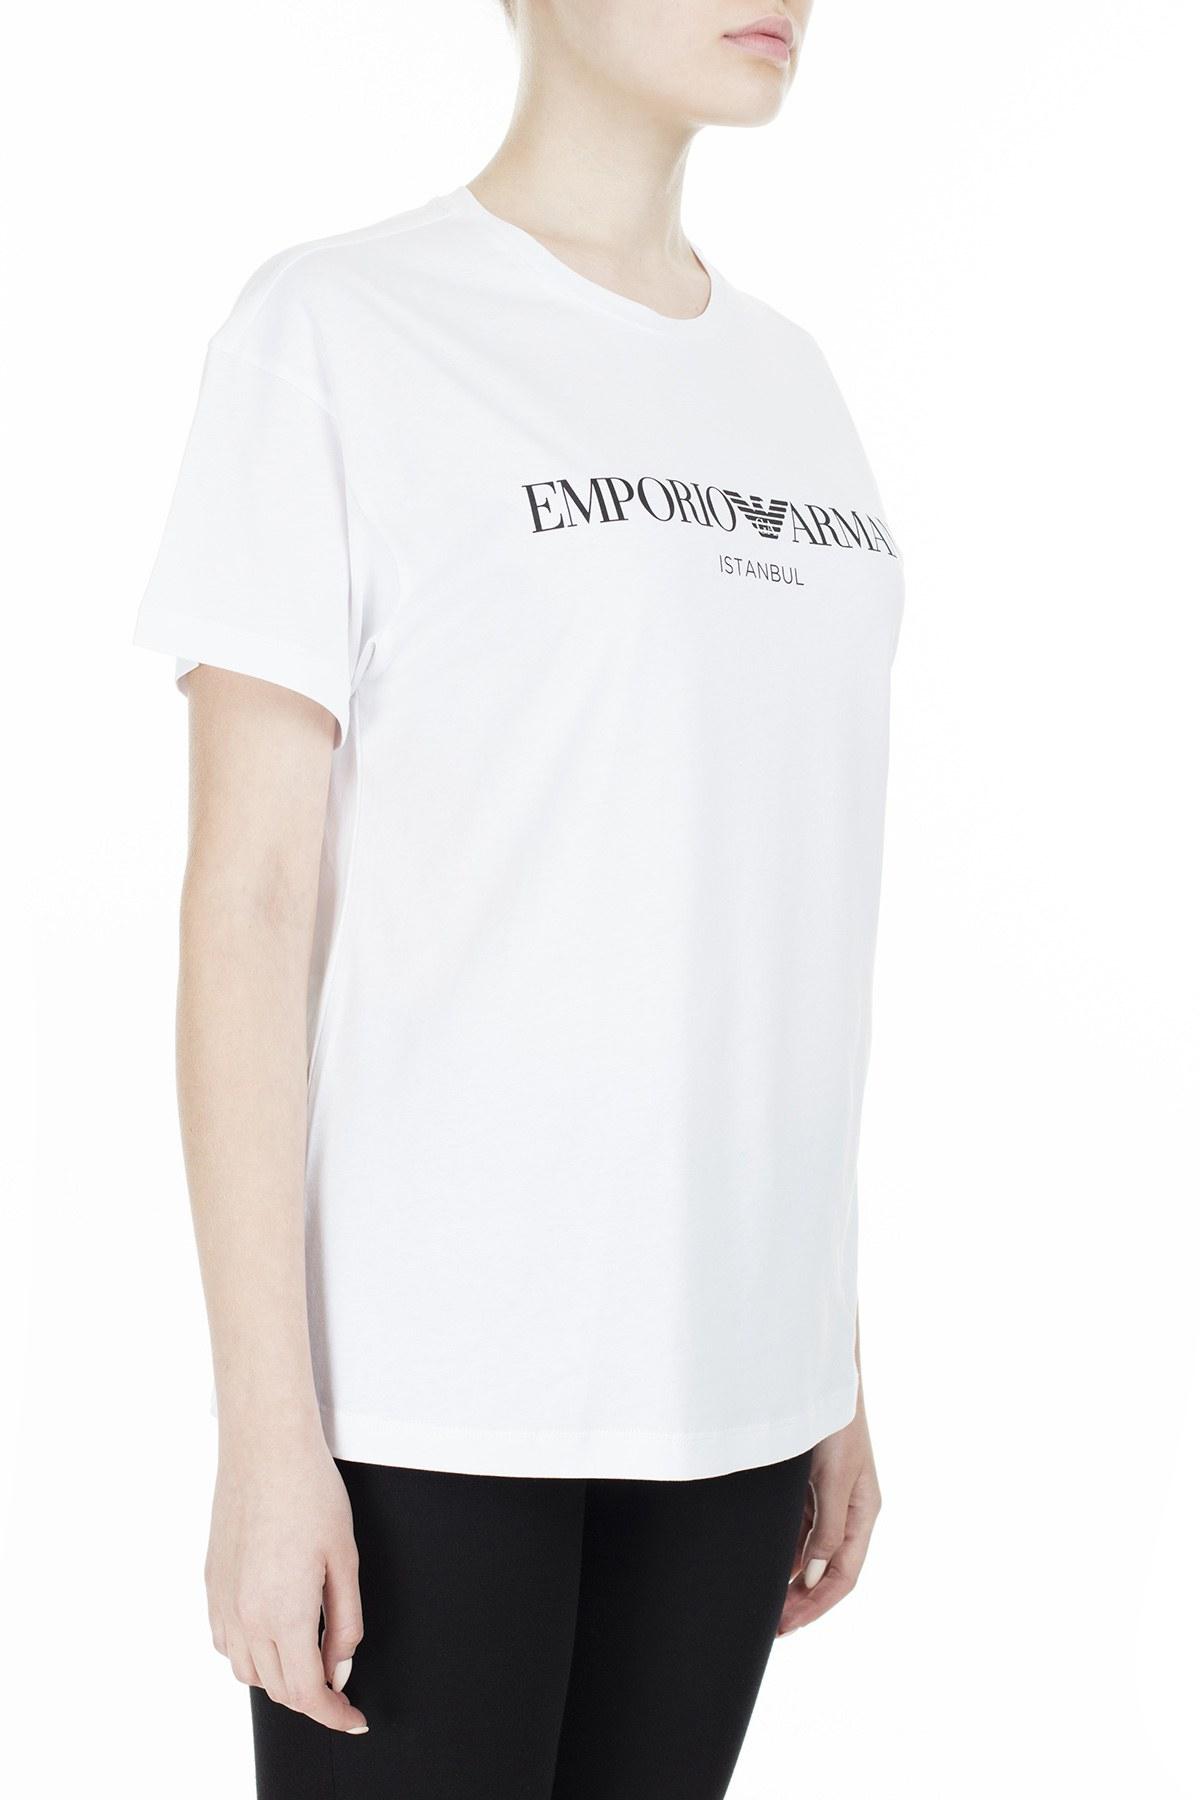 EMPORIO ARMANI T SHIRT Kadın T Shirt 3Z2T7Q 2JO4Z S121 BEYAZ